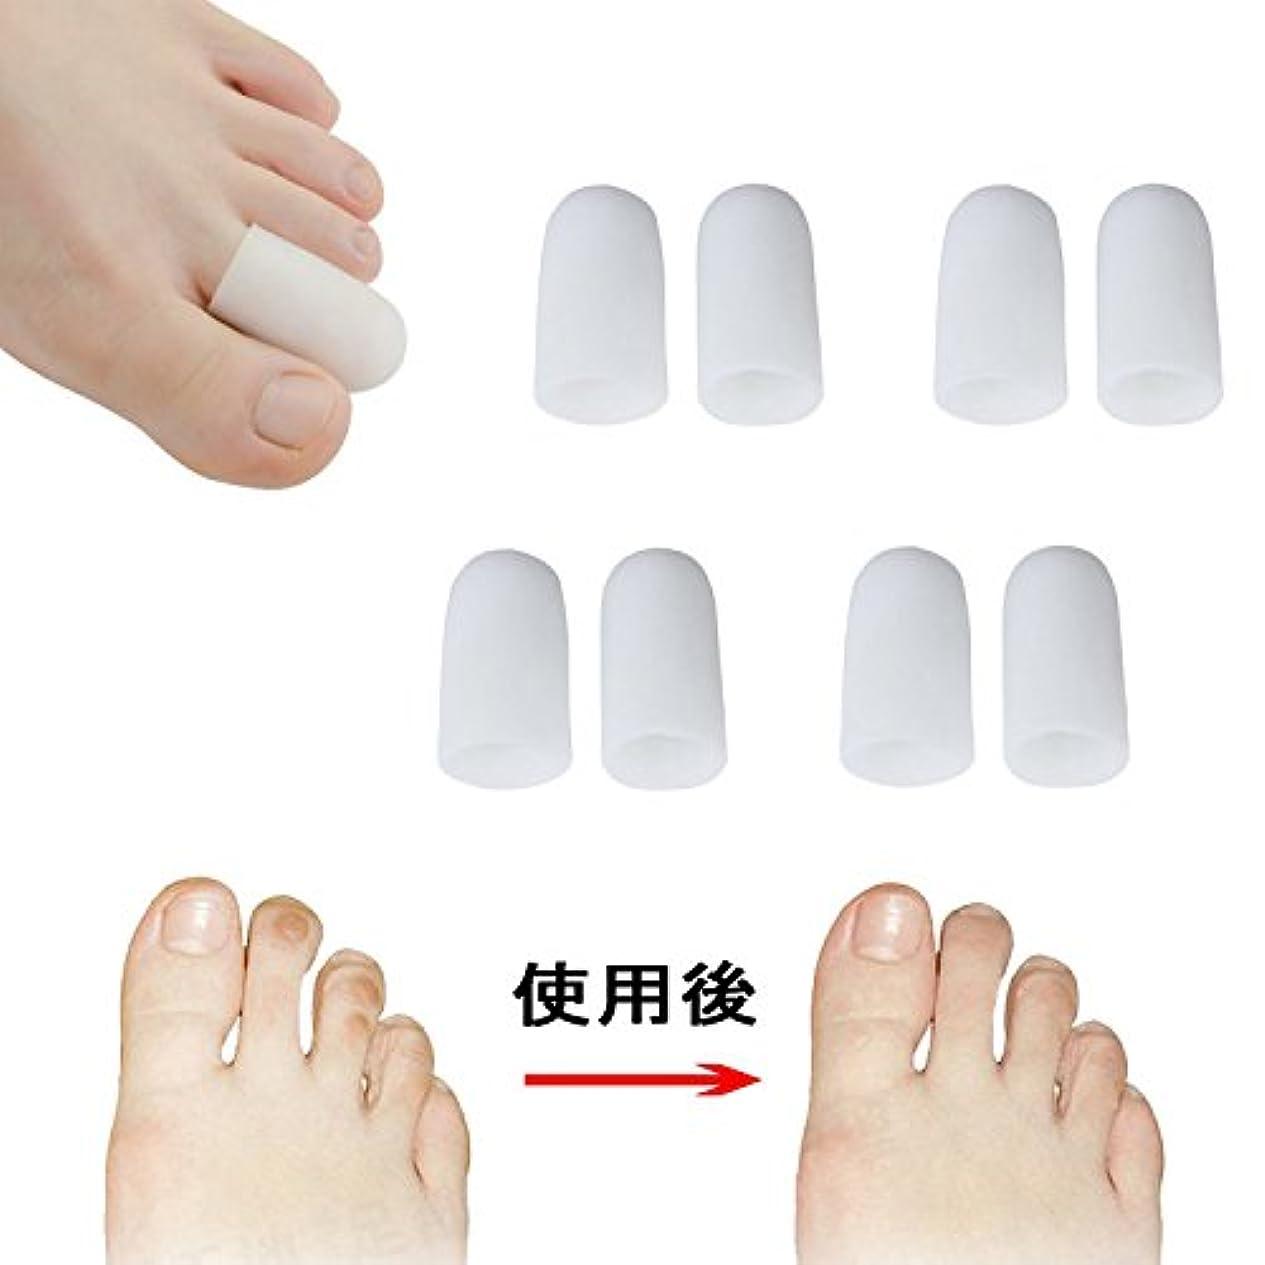 可決雨のスポーツの試合を担当している人足指保護キャップ つま先プロテクター 足先のつめ保護キャップ シリコン (ホワイト)